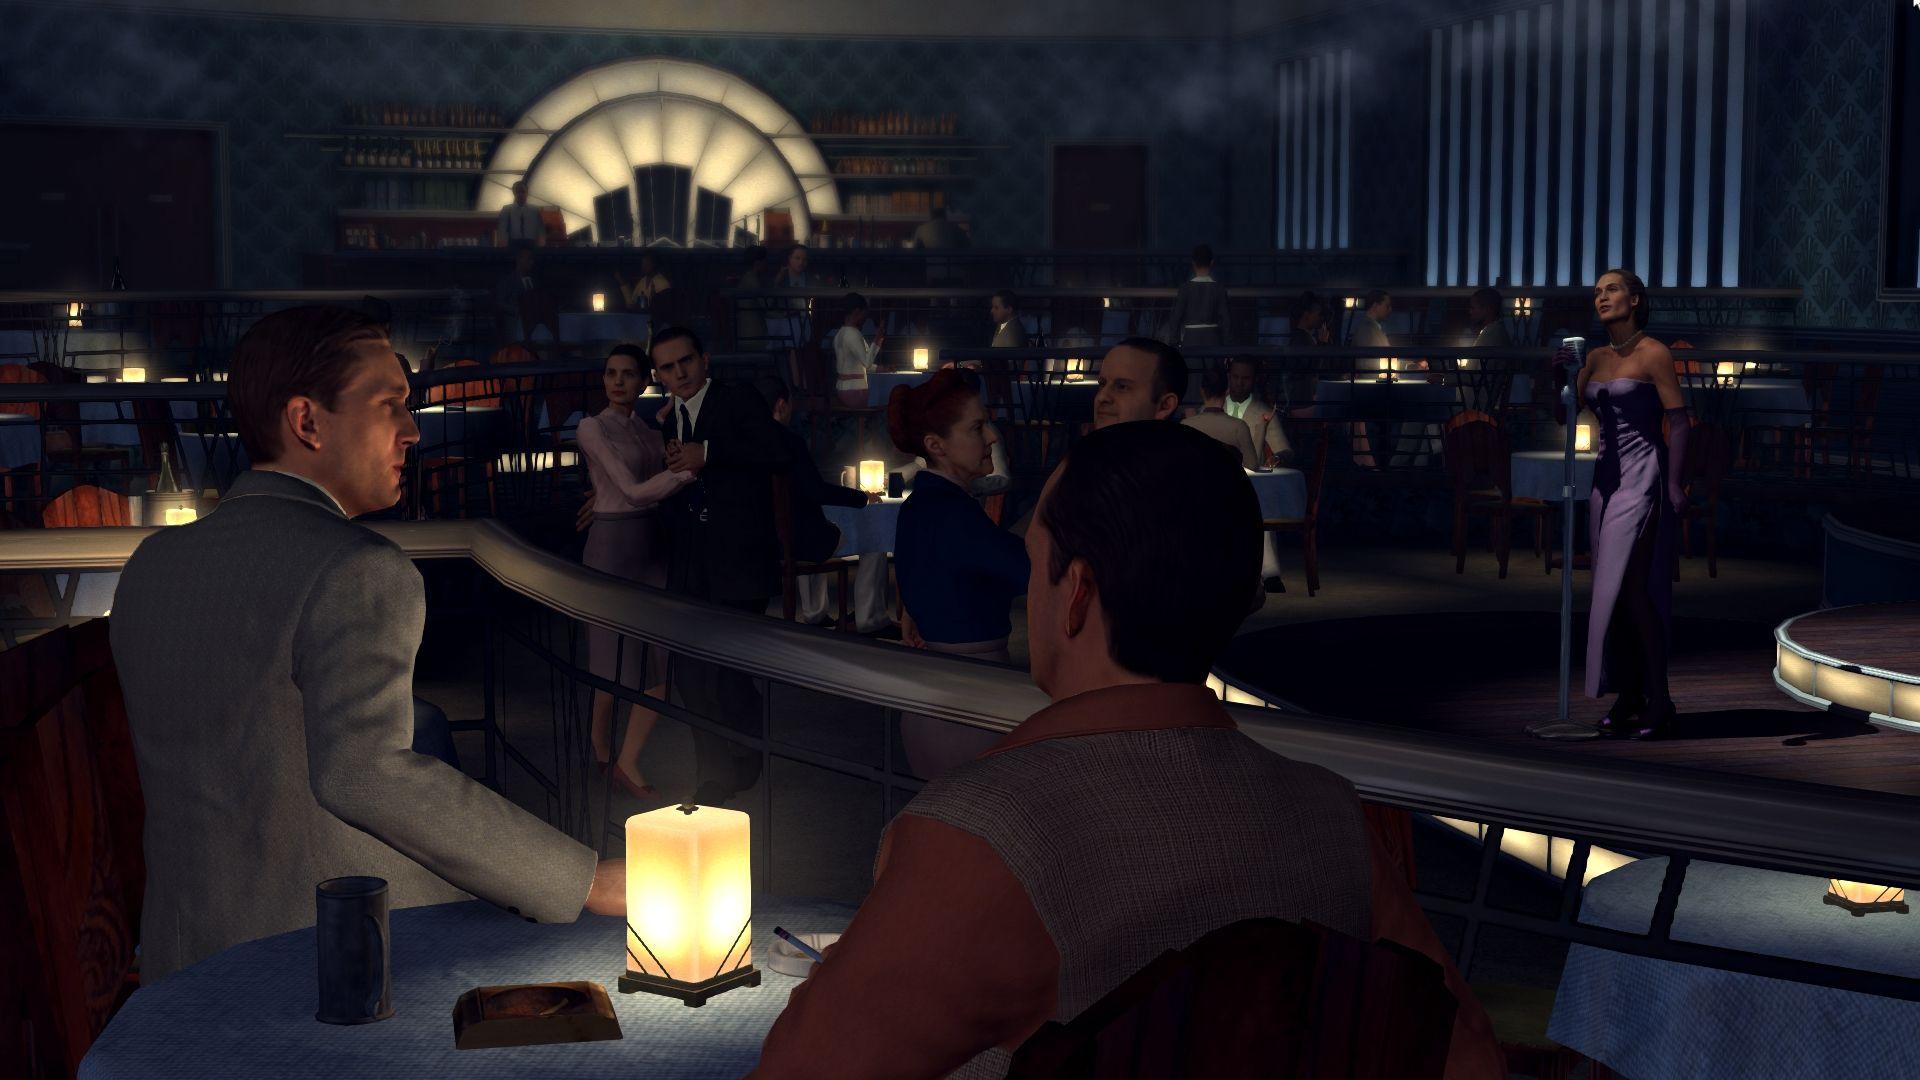 První obrázky z PC verze L.A. Noire 52703